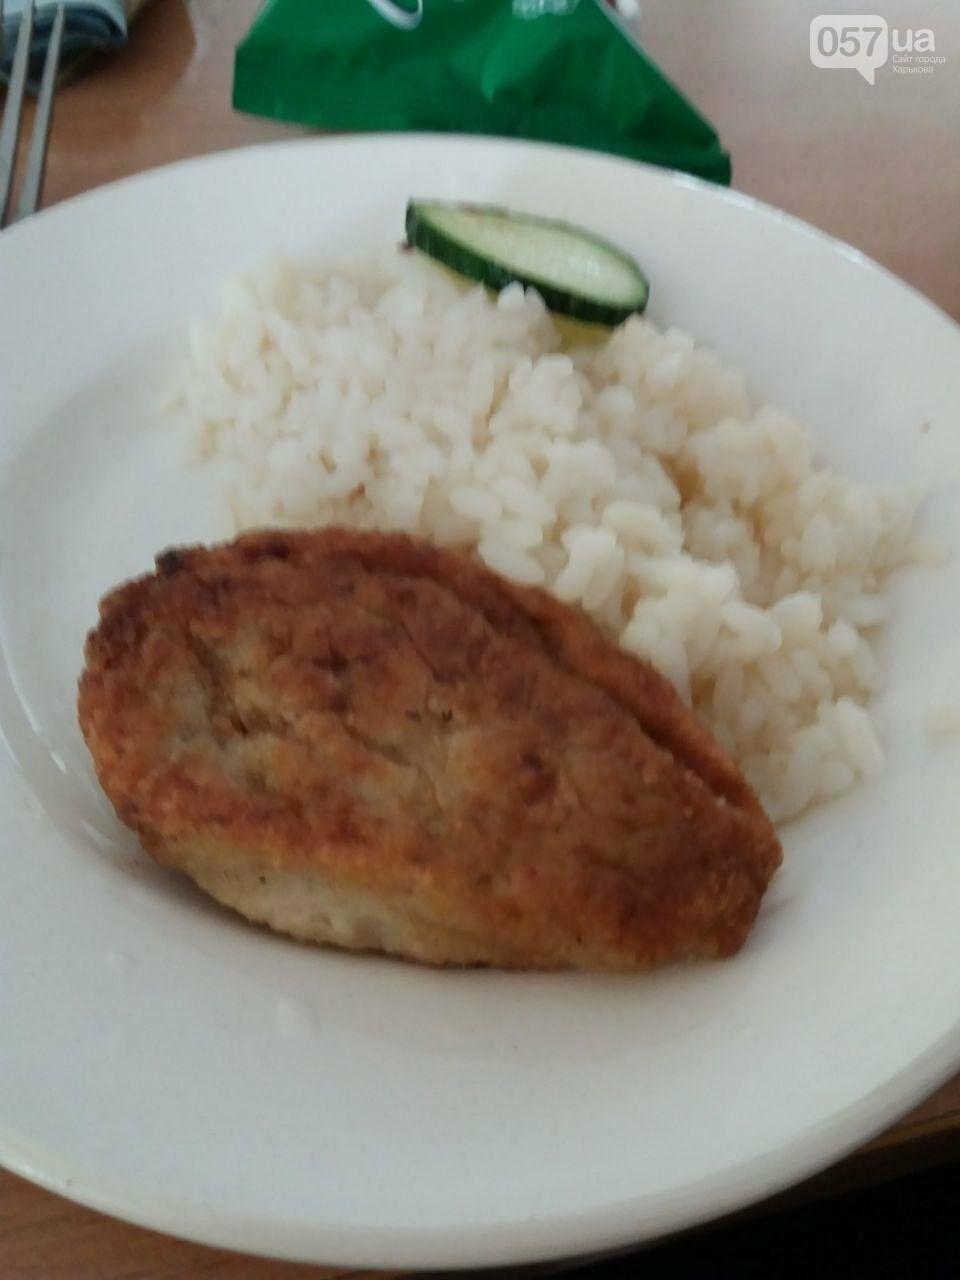 Найдите 10 отличий: родители жалуются на бесплатное питание в харьковской школе, - ФОТО, фото-5